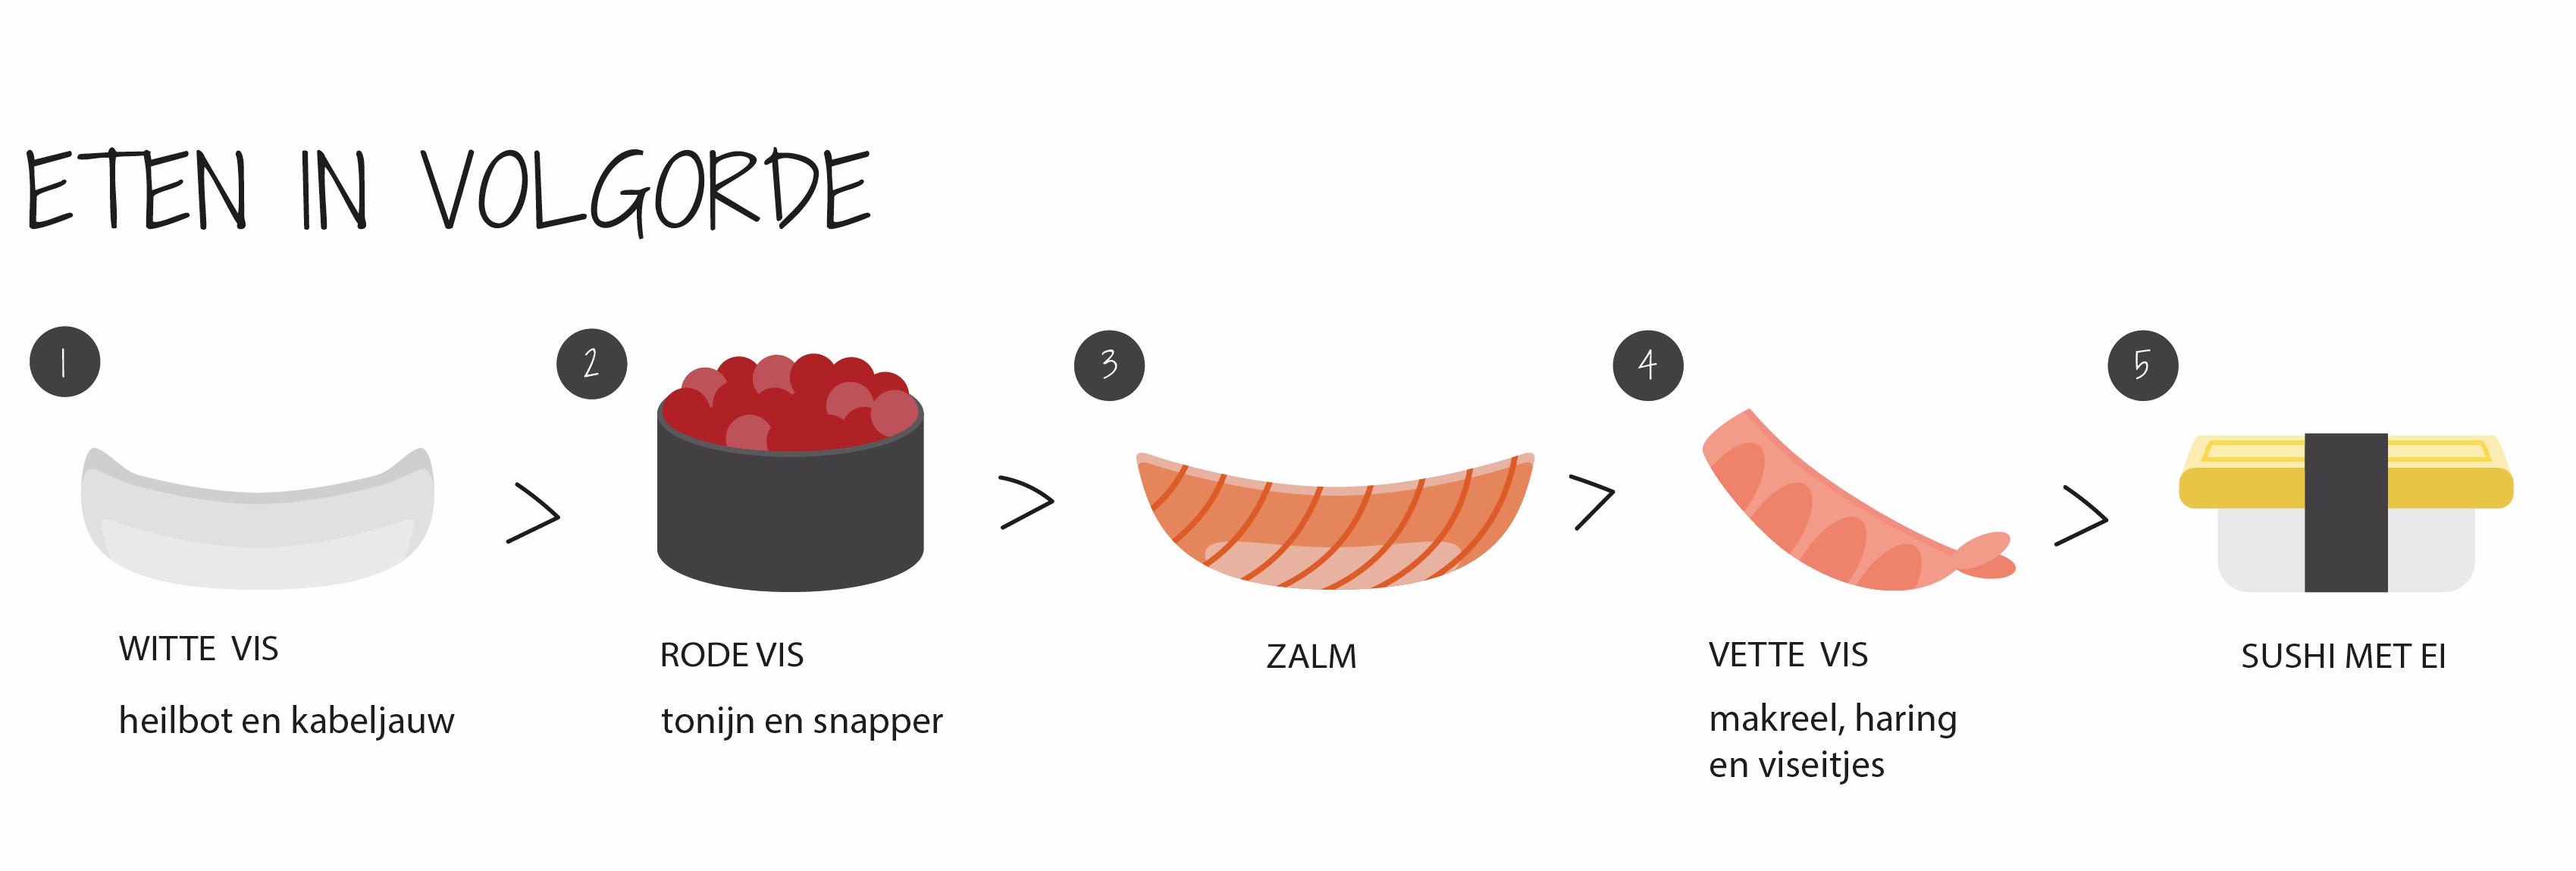 Sushi eten in volgorde